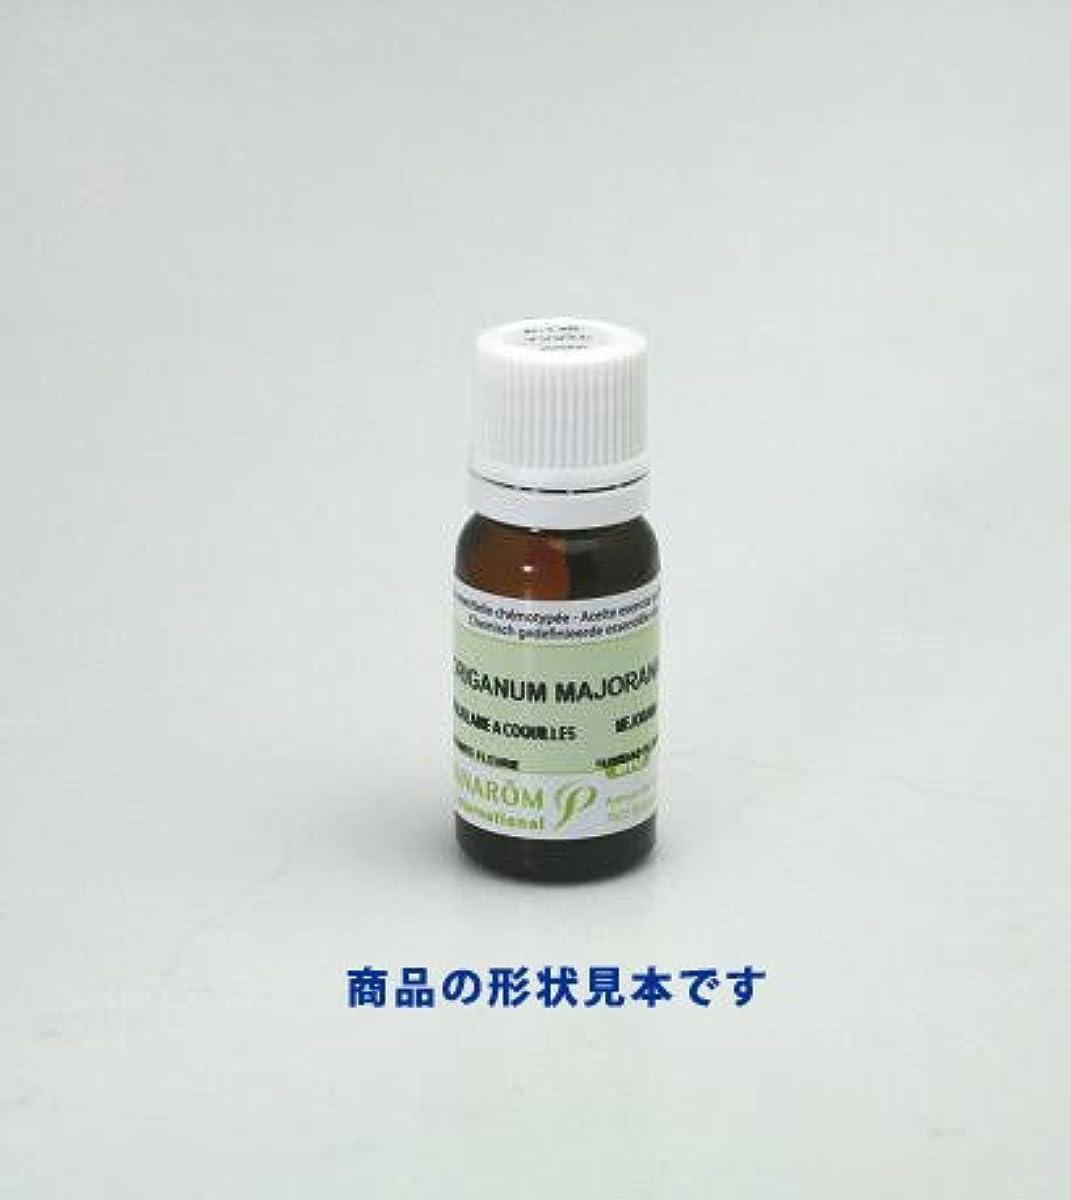 グレード電気陽性スイングプラナロム社製精油:P-100 ラベンダー?スーパー